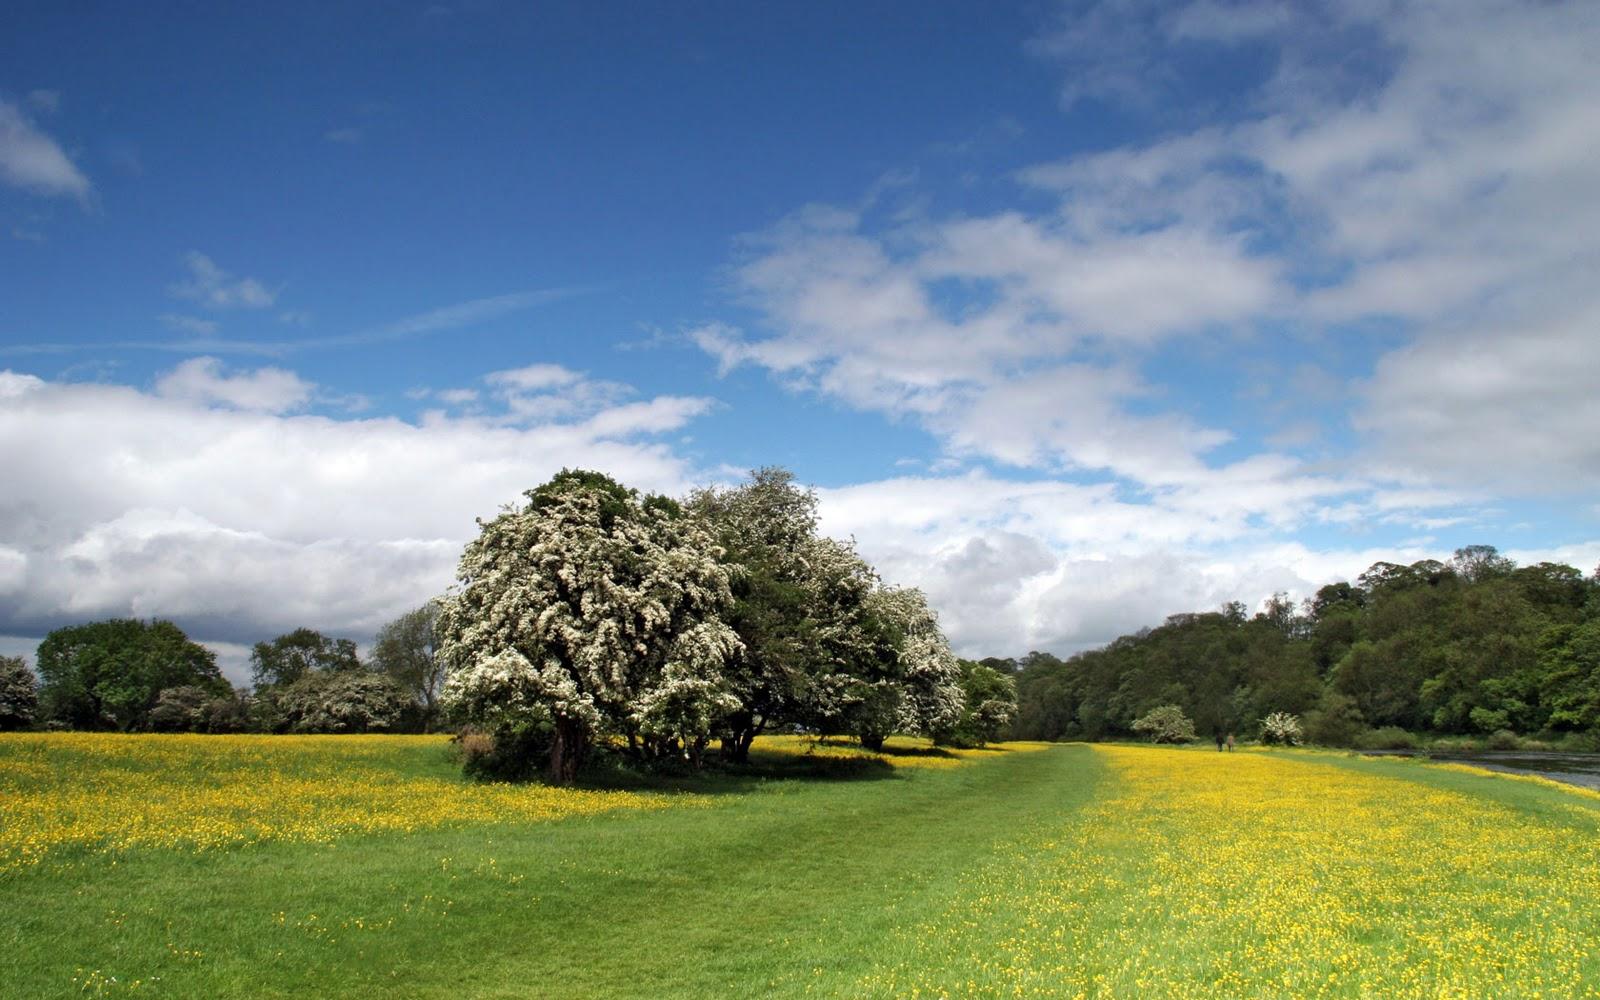 lente achtergronden hd - photo #26